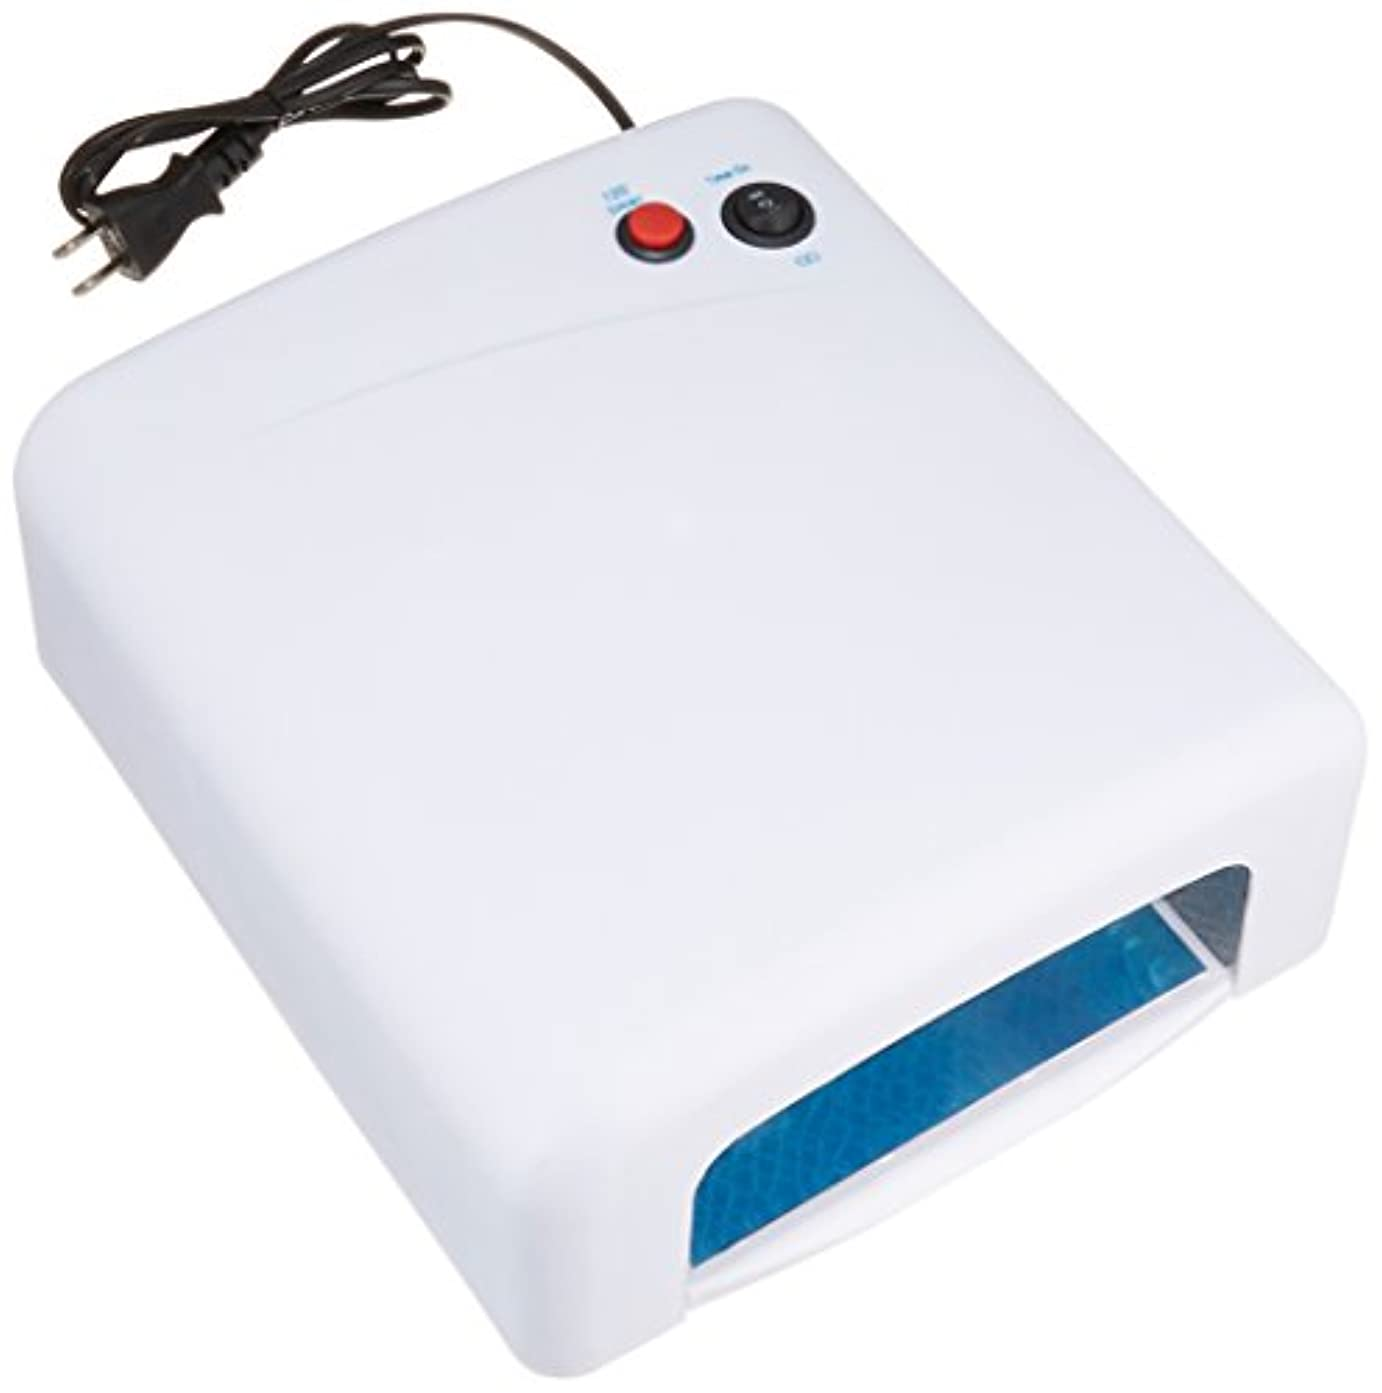 プレフィックスタンカーカフェテリアノーブランド品 UVライト 36W ホワイト 取扱説明書付き